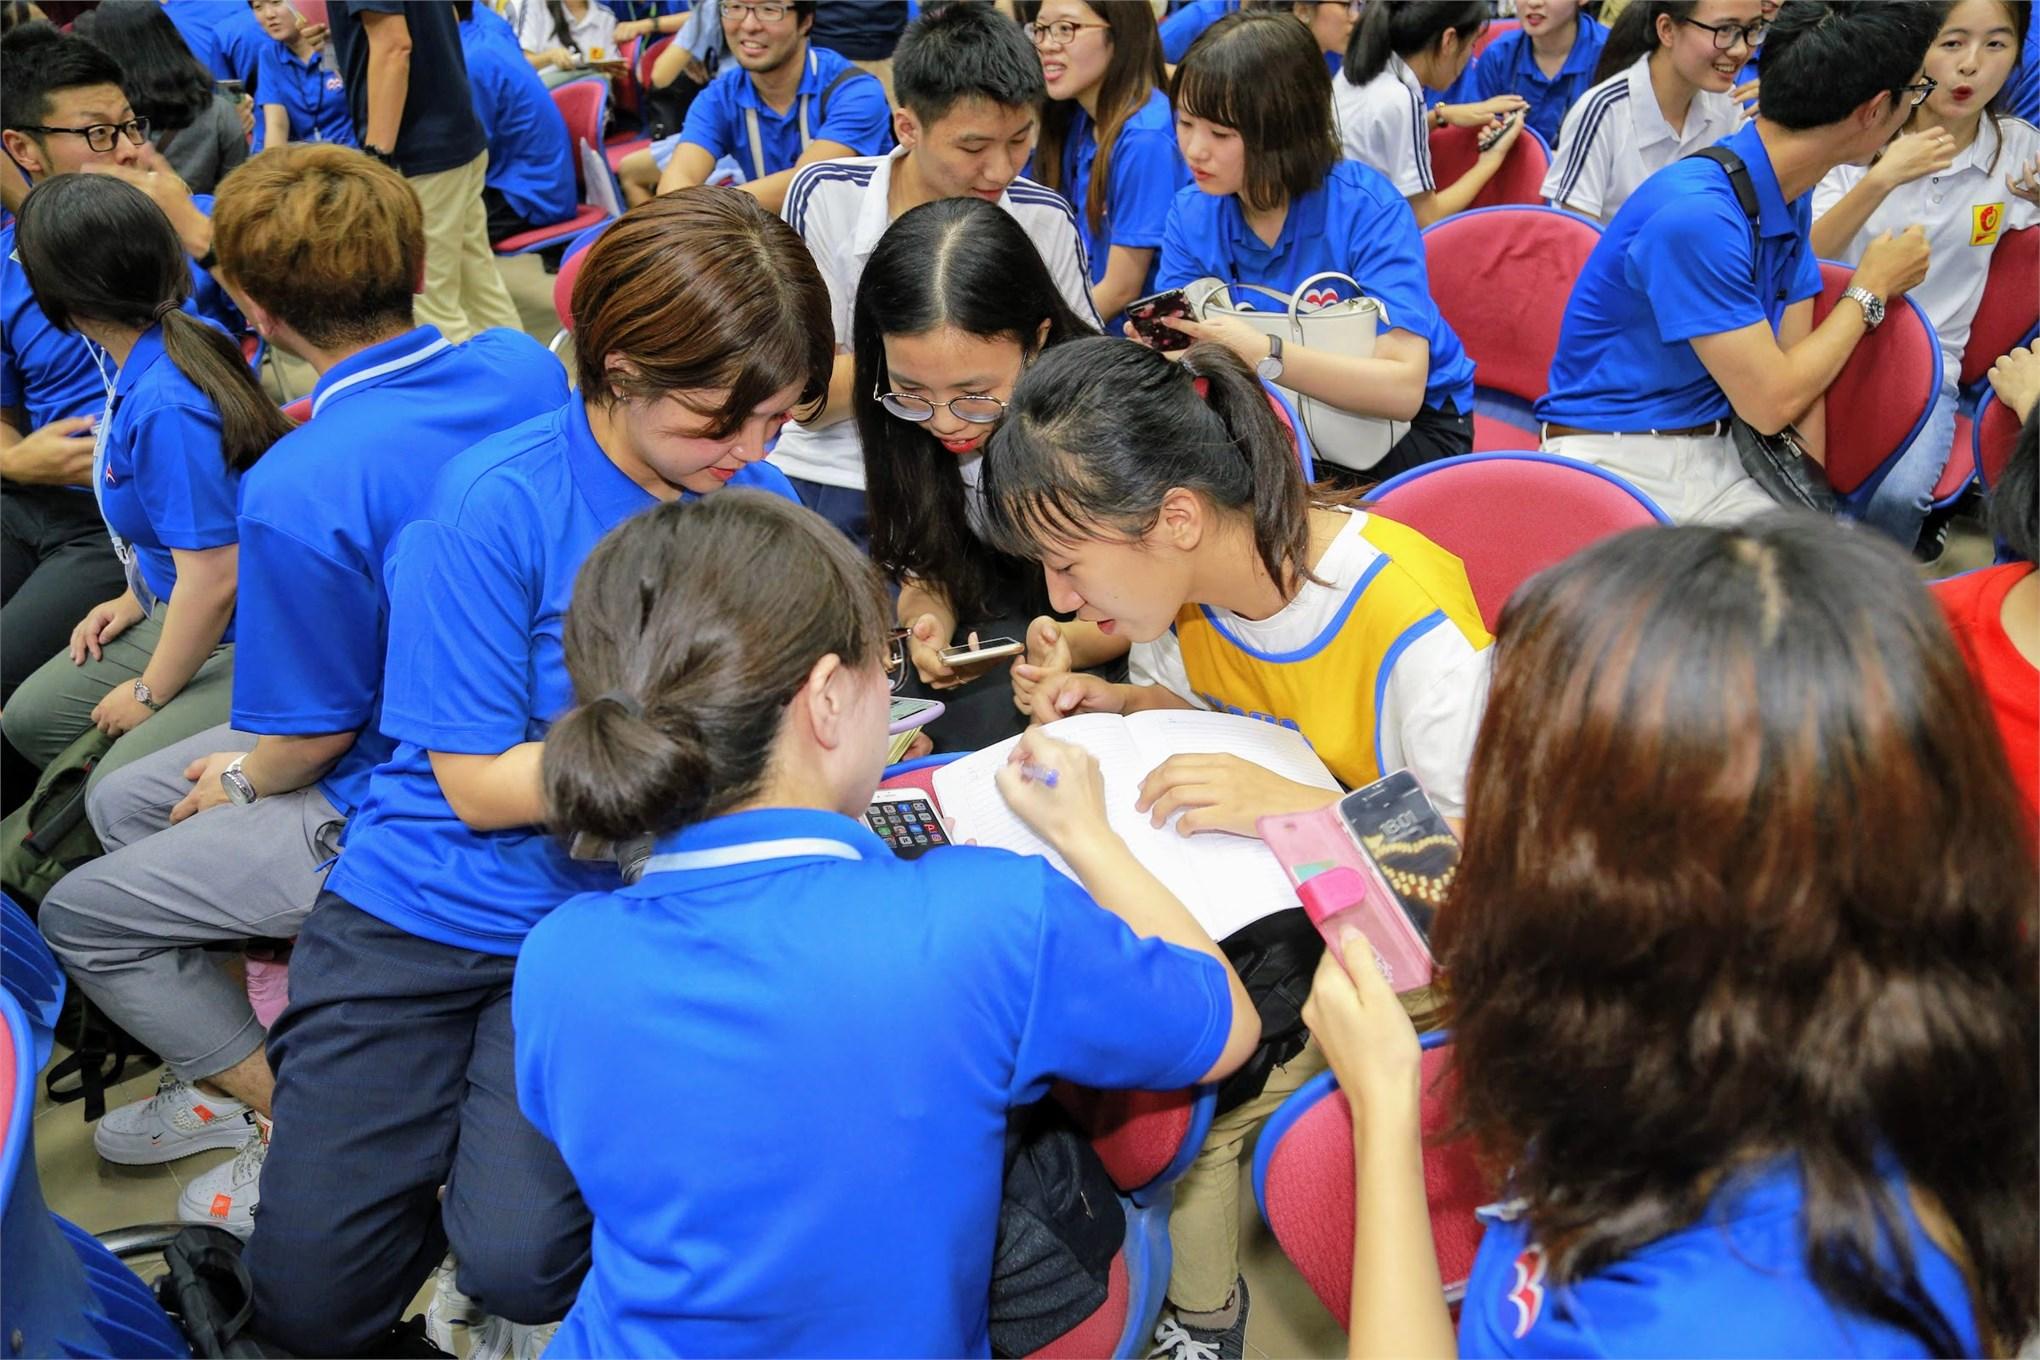 Các nhóm sinh viên giữa hai trường sôi nổi thảo luận về đề tài chung: nghề nghiệp, văn hoá, thời trang